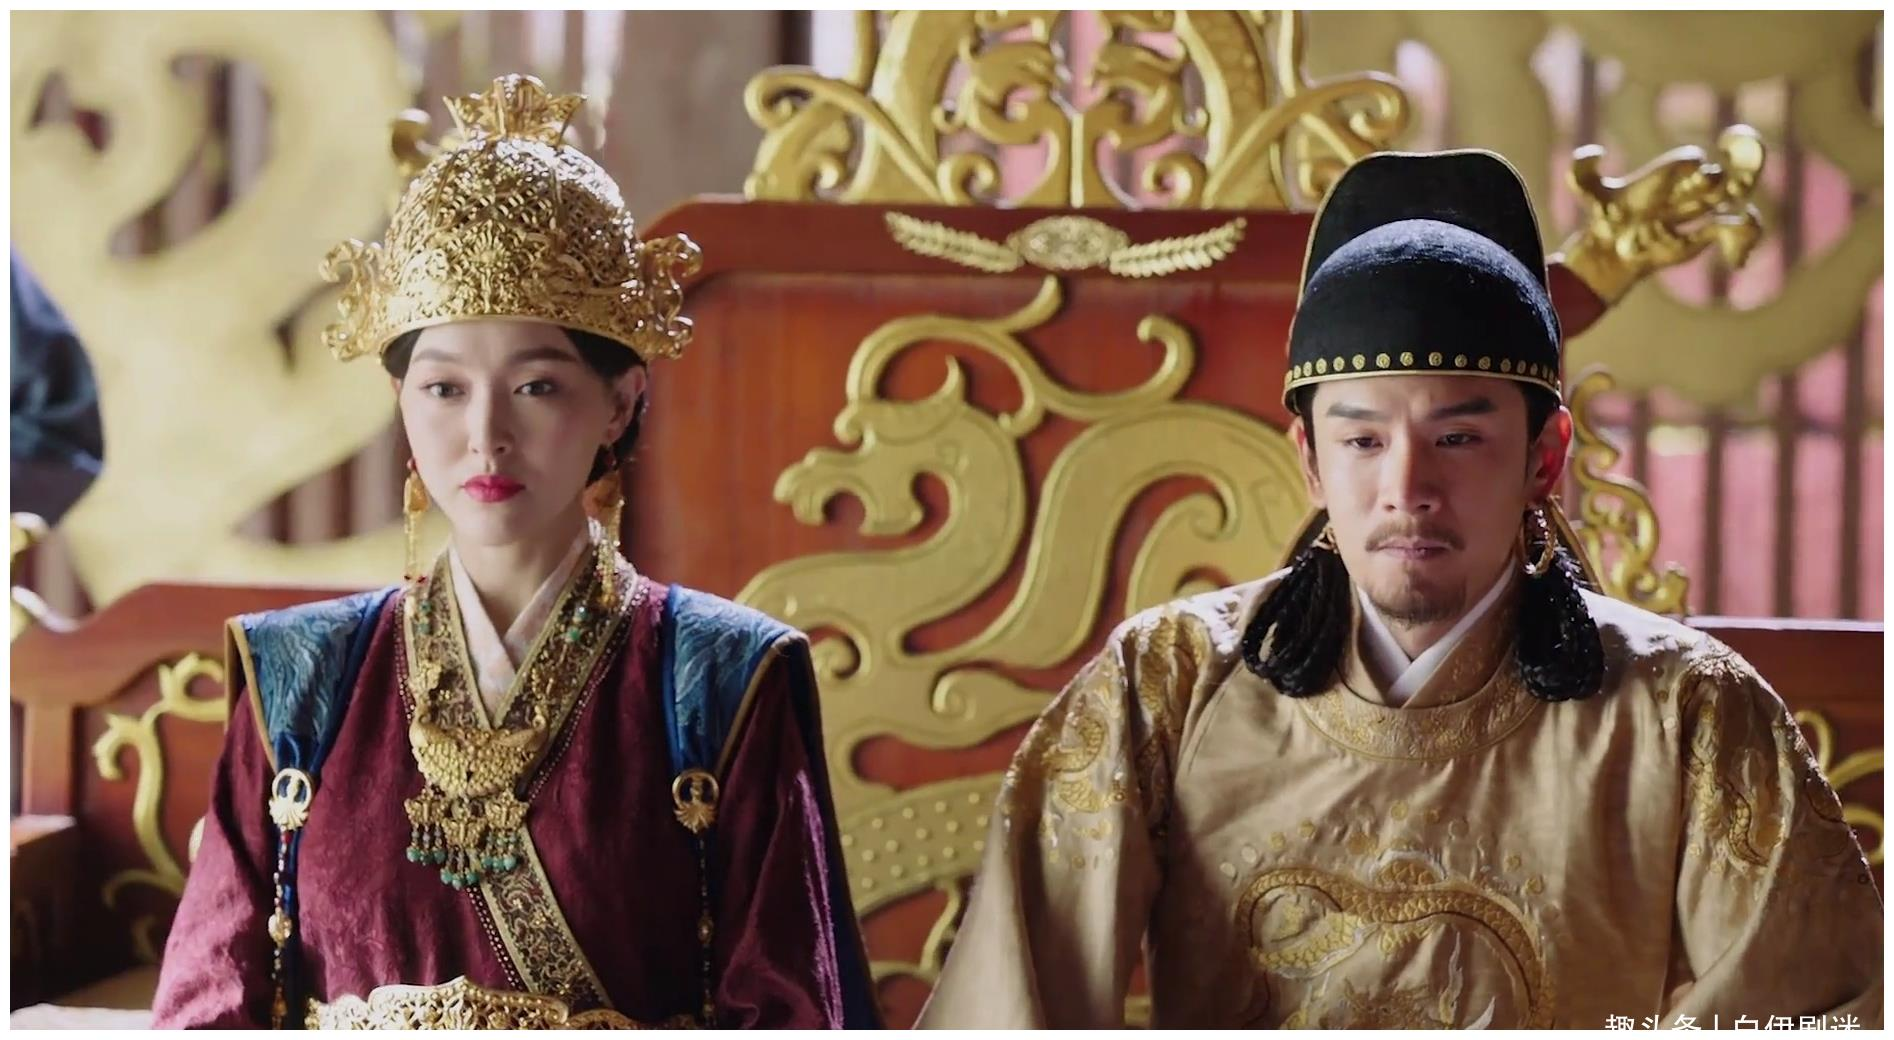 燕云台:玉萧问明扆,皇后于他而言是什么,明扆的回答令人寒心